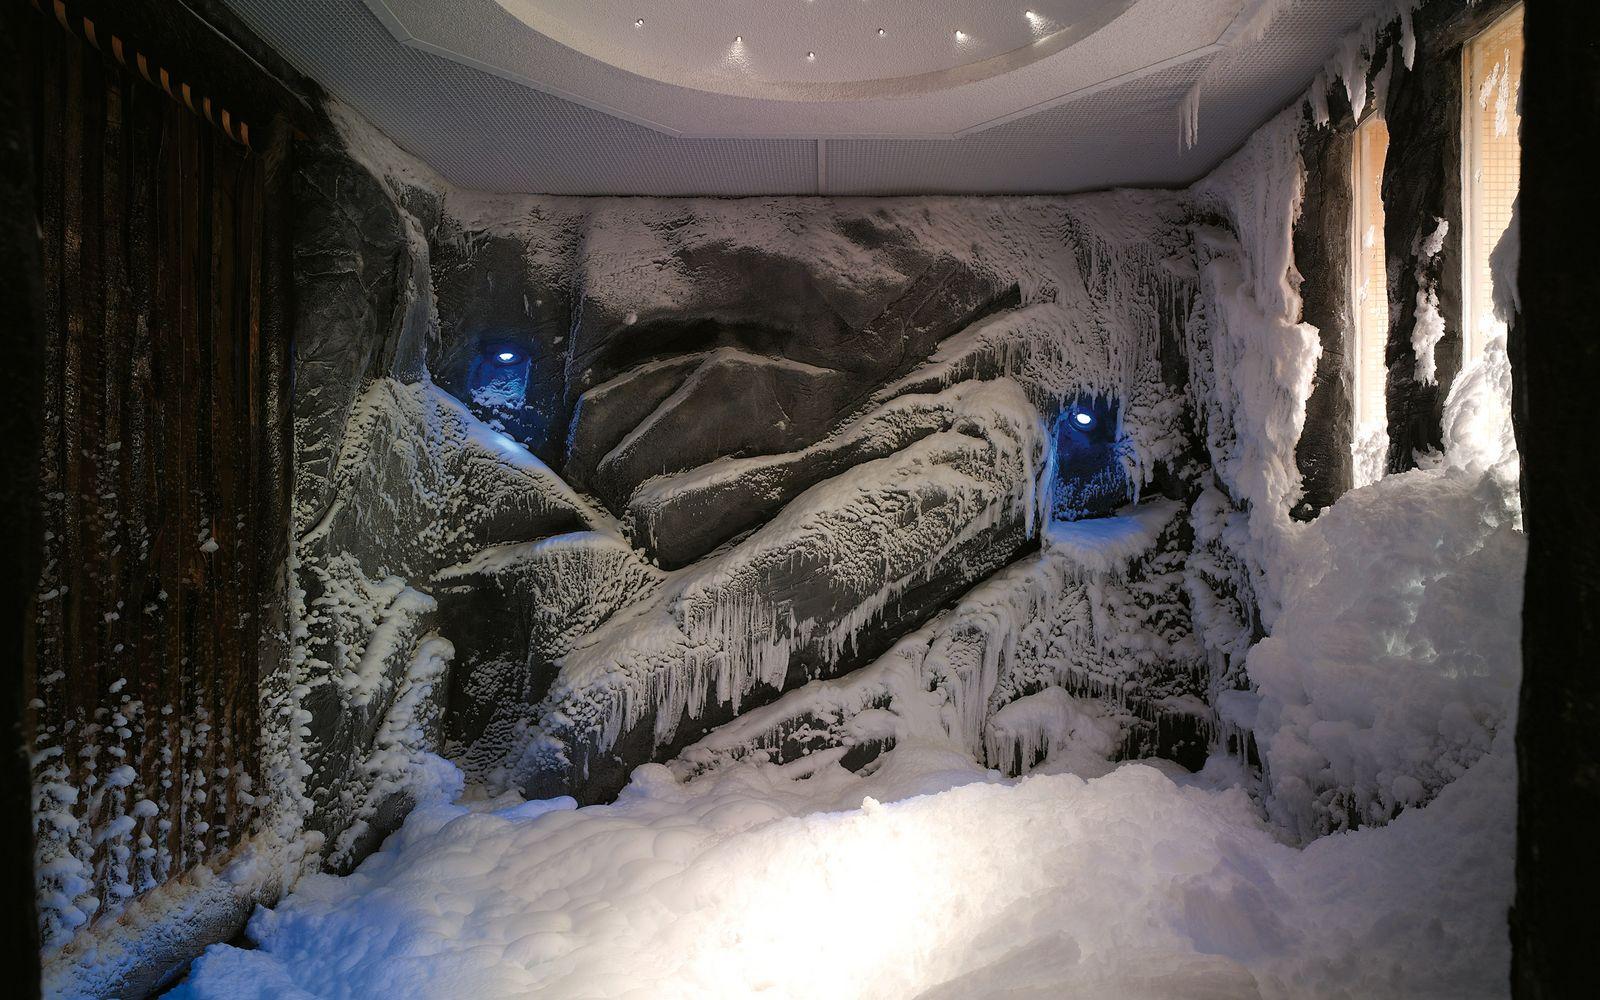 serwis saun poznań, naprawa i konserwacja strefy spa